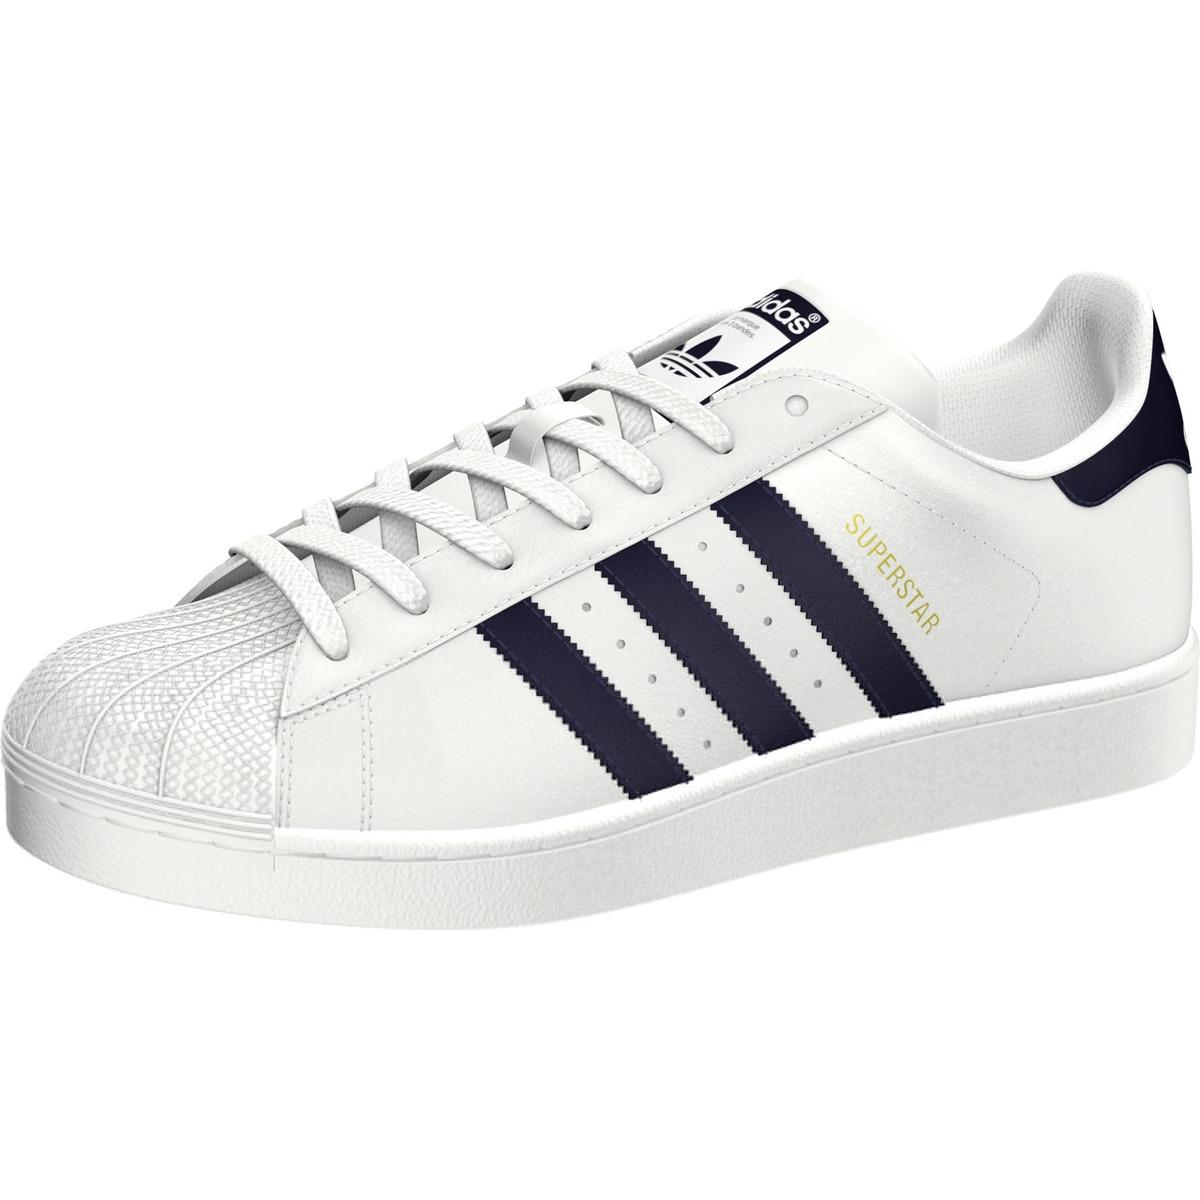 Zapatillas adidas Originals Superstar Hombre Cm8082